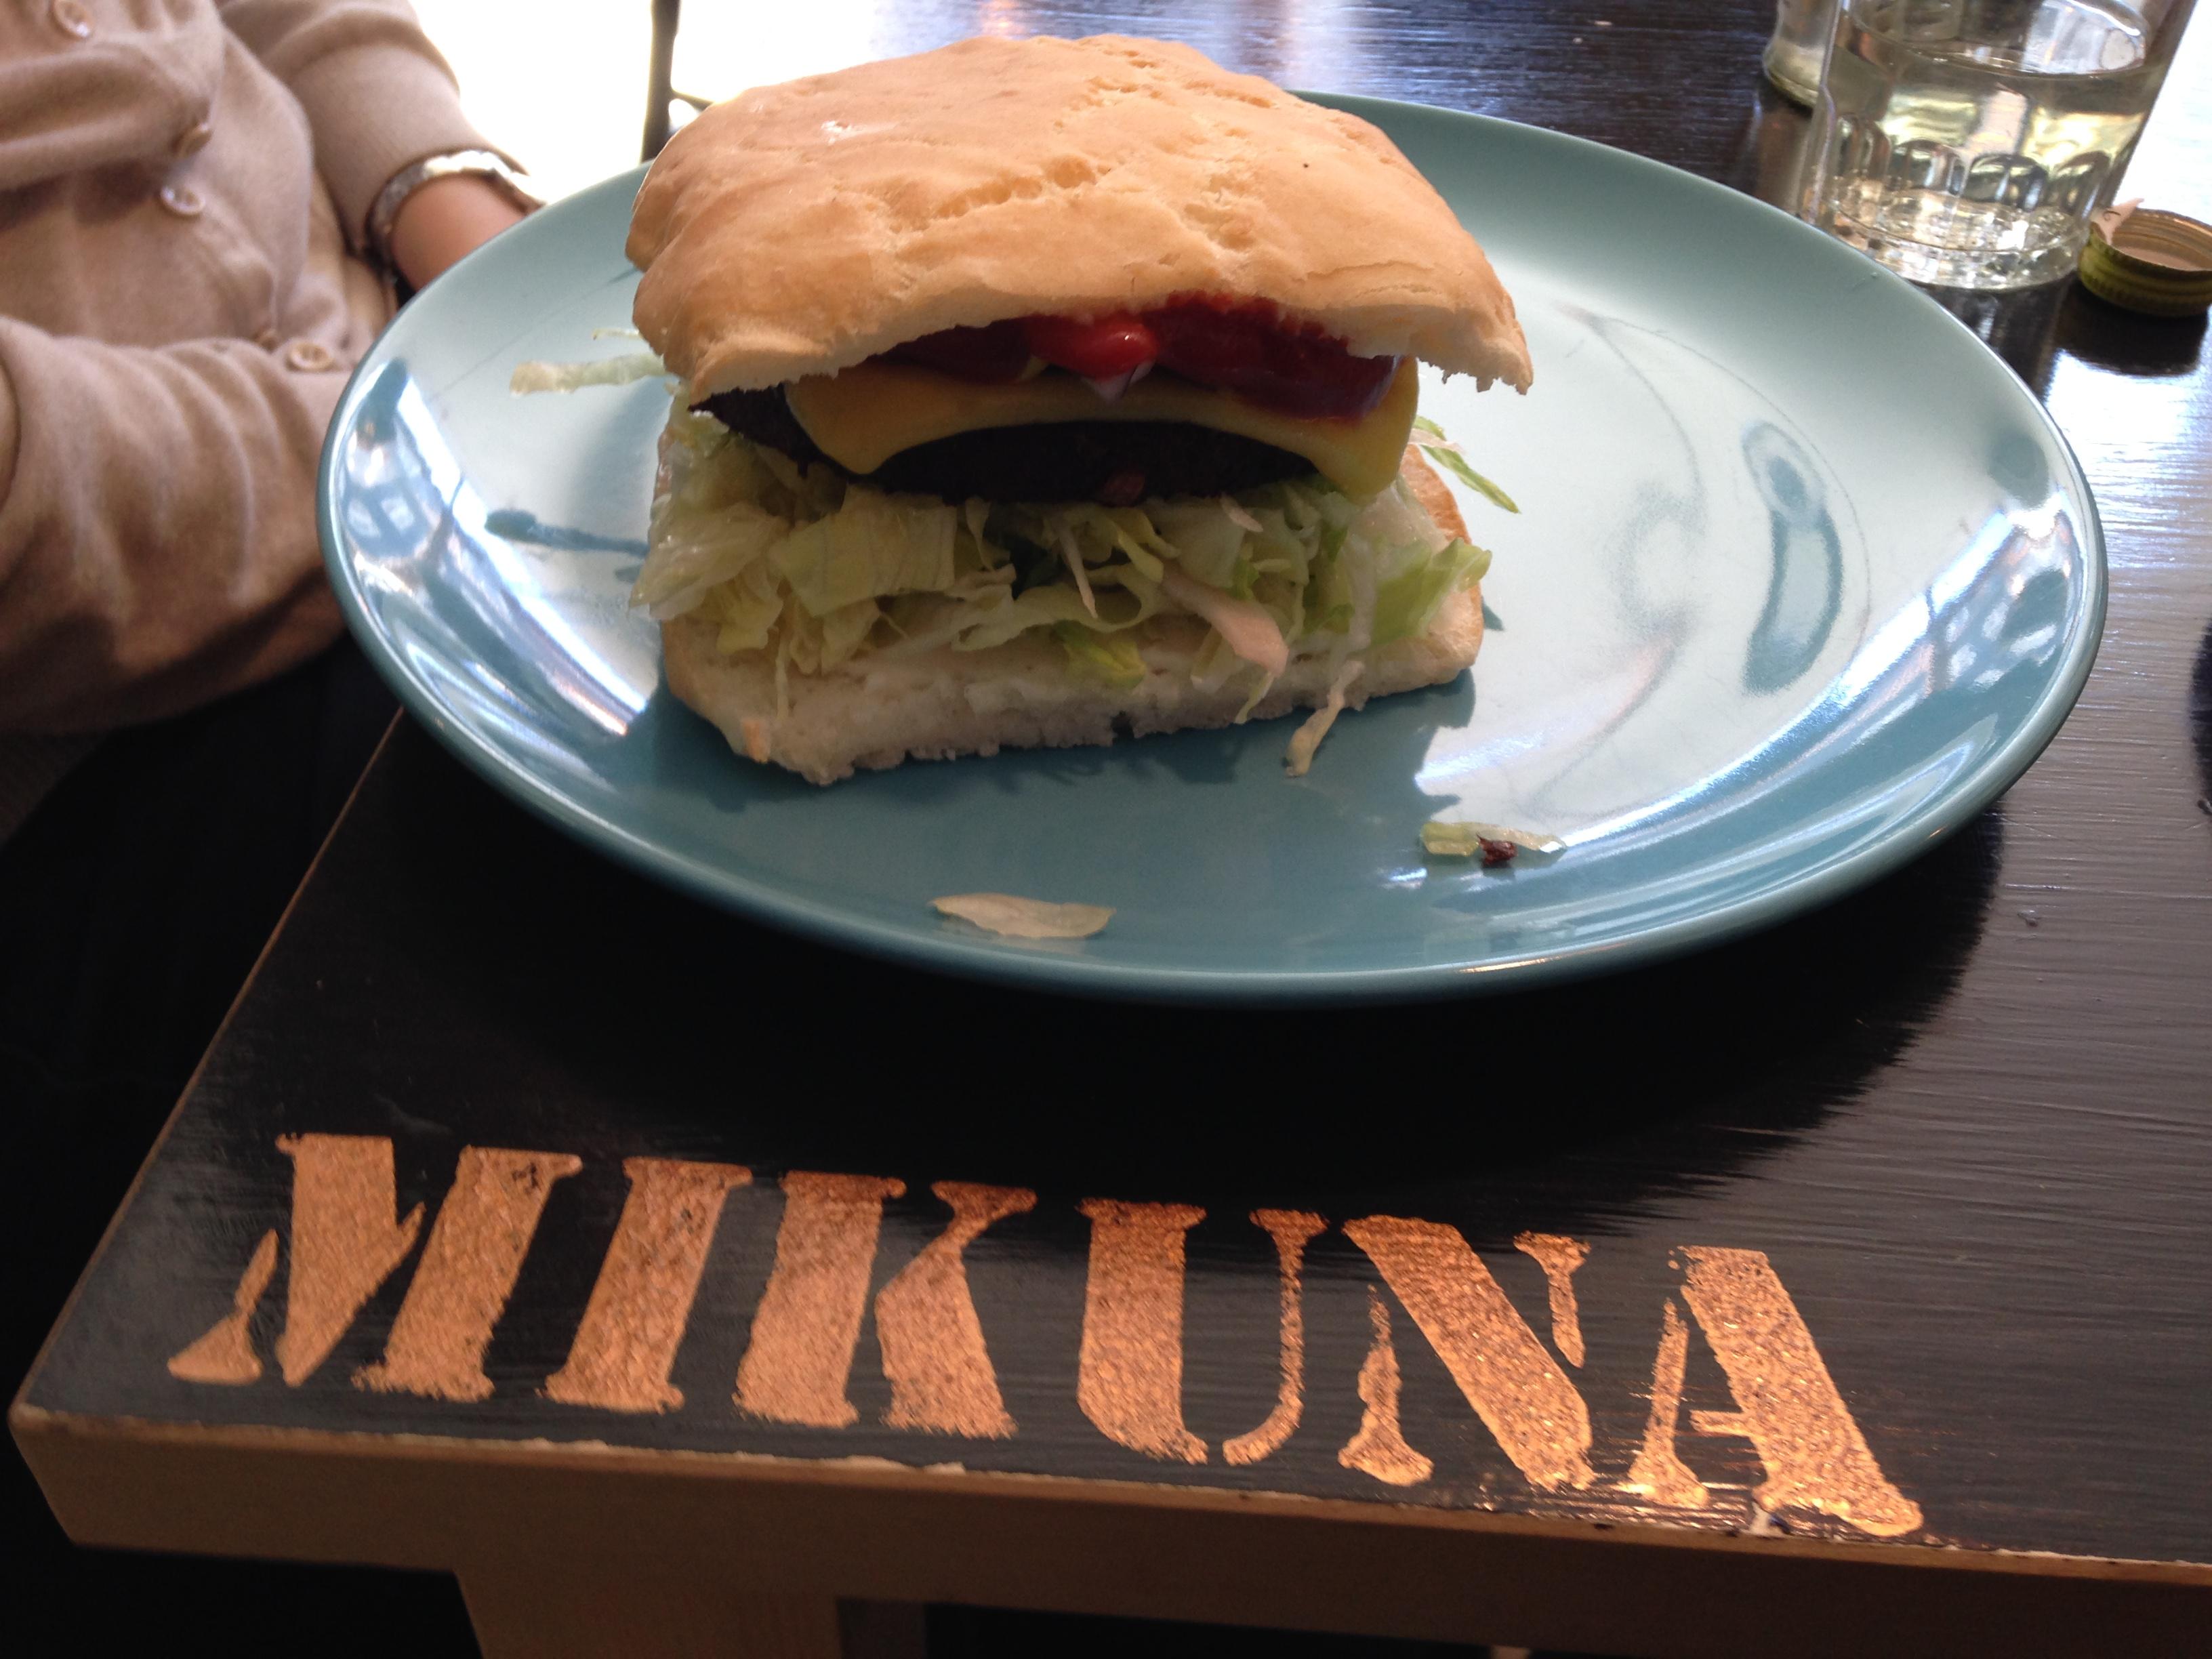 Mikuna (Aarhus)